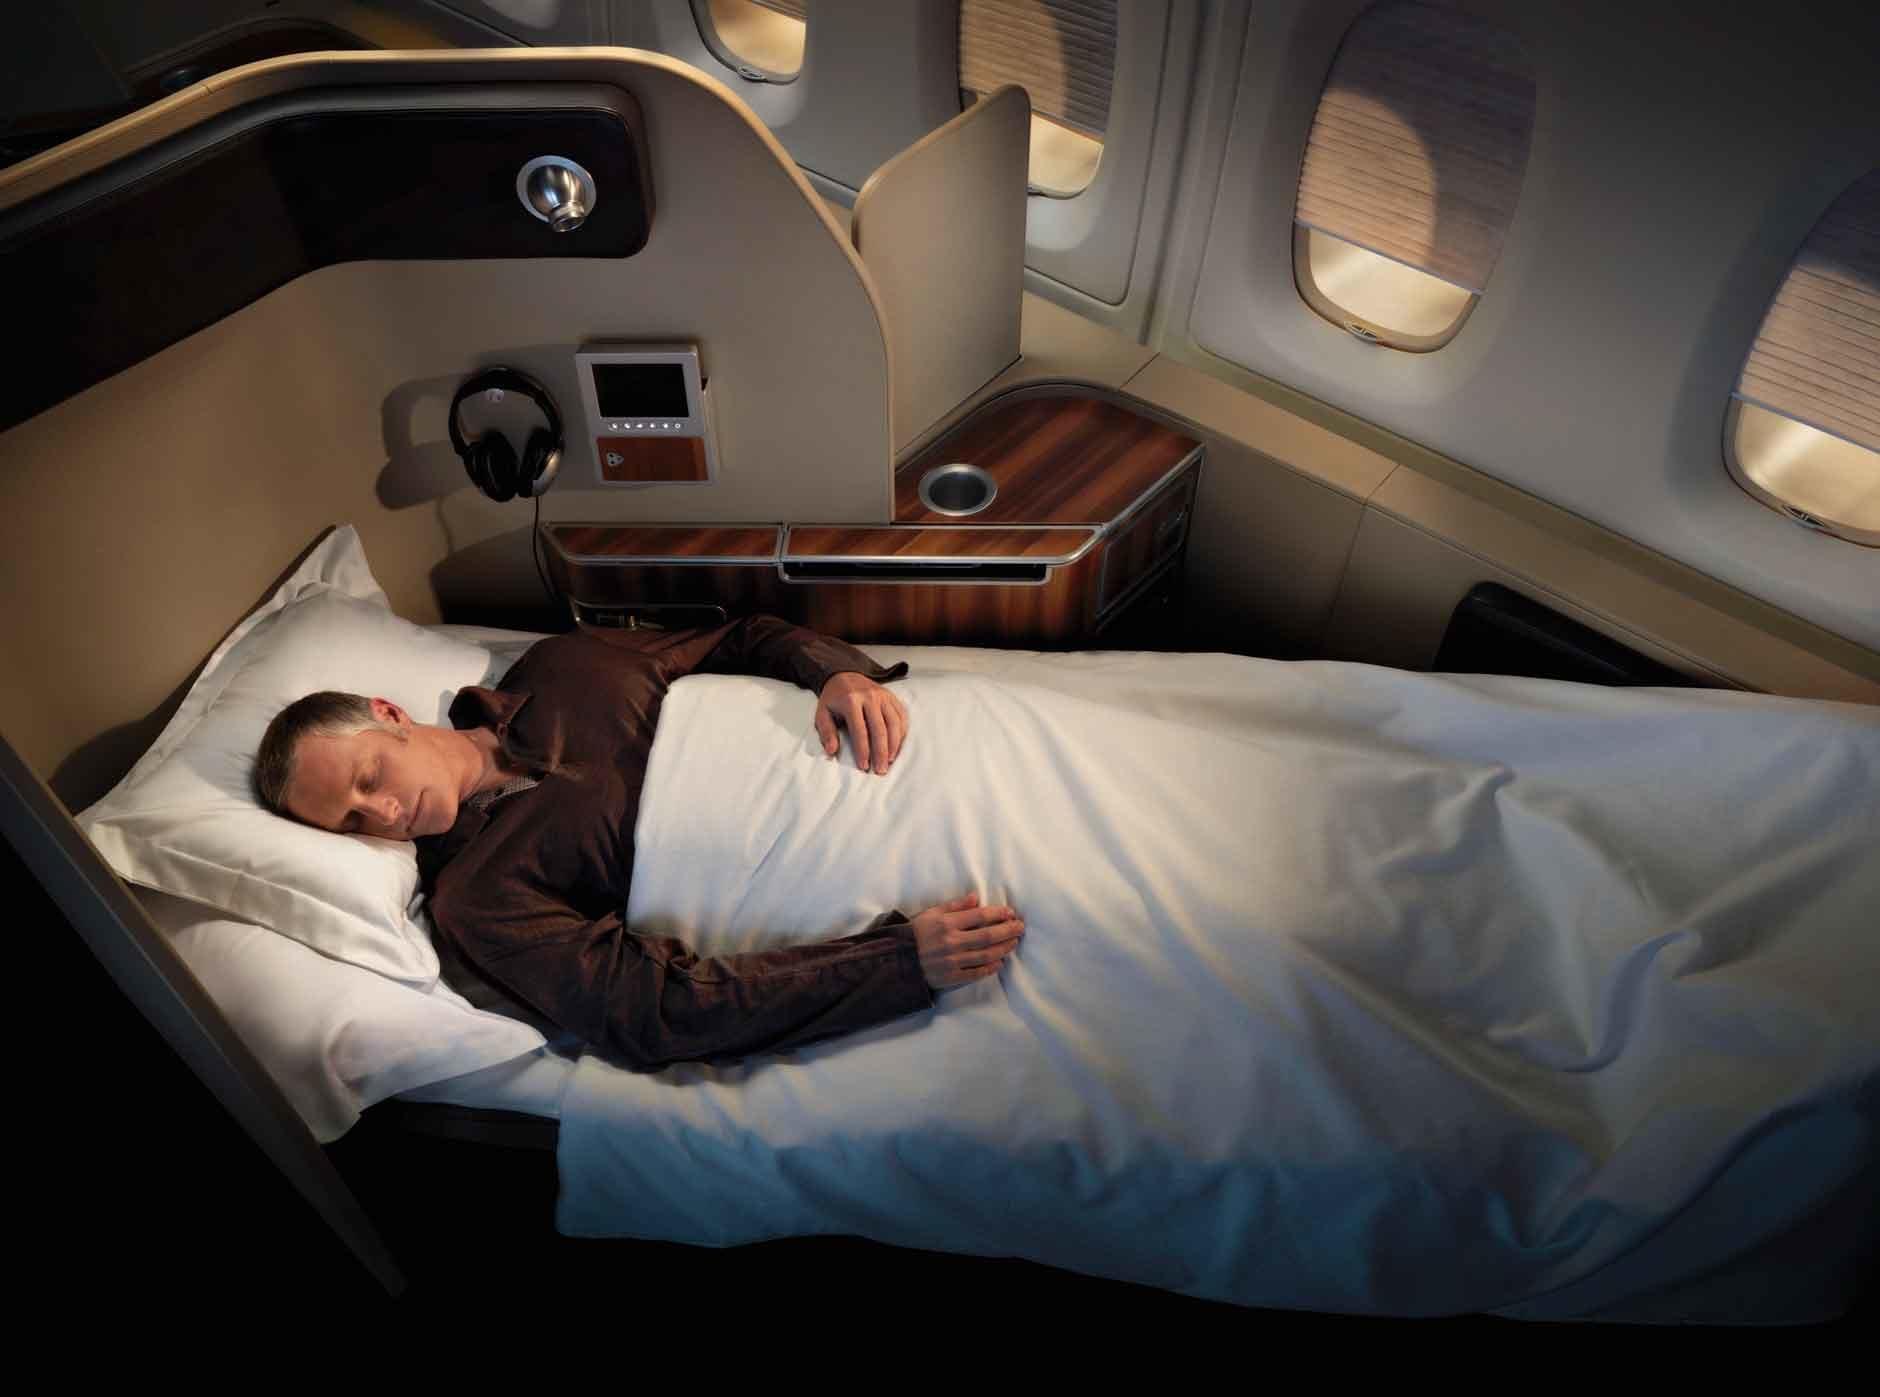 哪些航空公司的经济舱最舒服,AirlineRatings.com 有话说   理想生活实验室 - 为更理想的生活